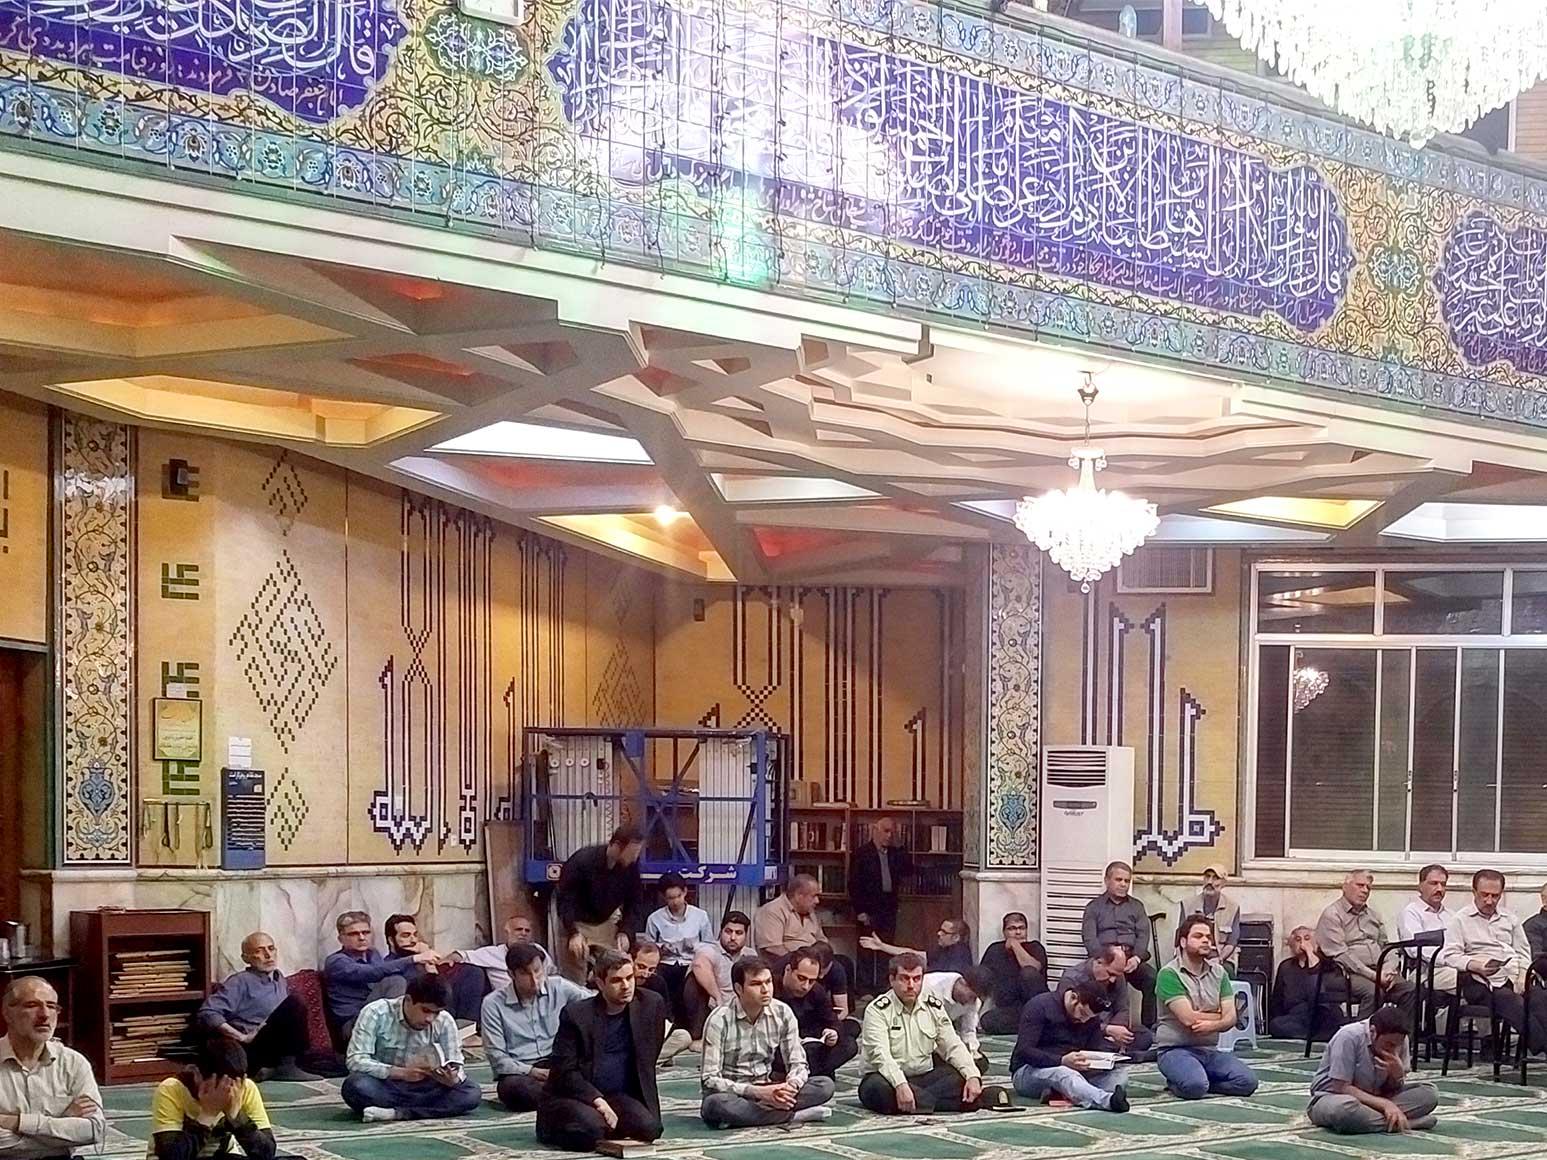 ویژه برنامه ضربت خوردن حضرت علی (ع)درمسجد النبی امیرآبادشمالی